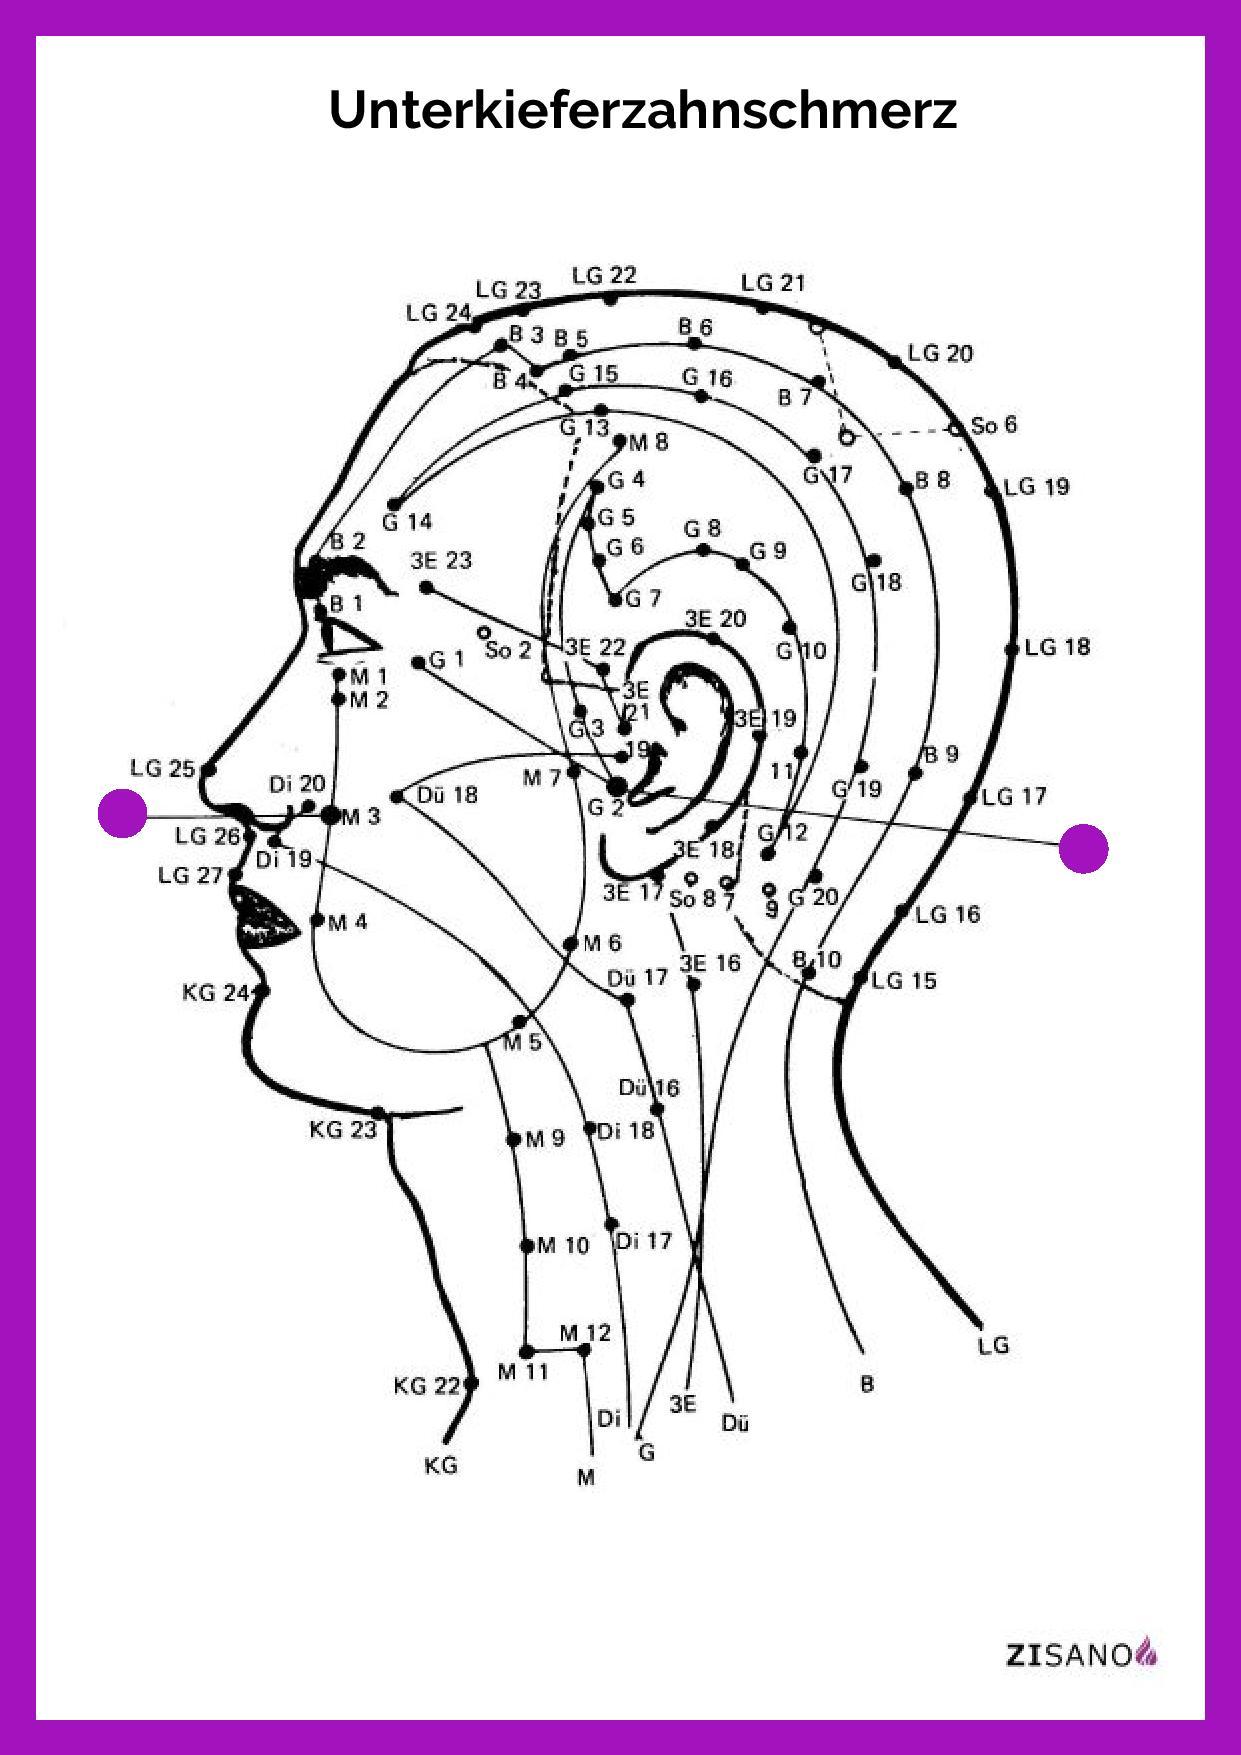 Meridiane - Unterkieferzahnschmerz - Beschwerden